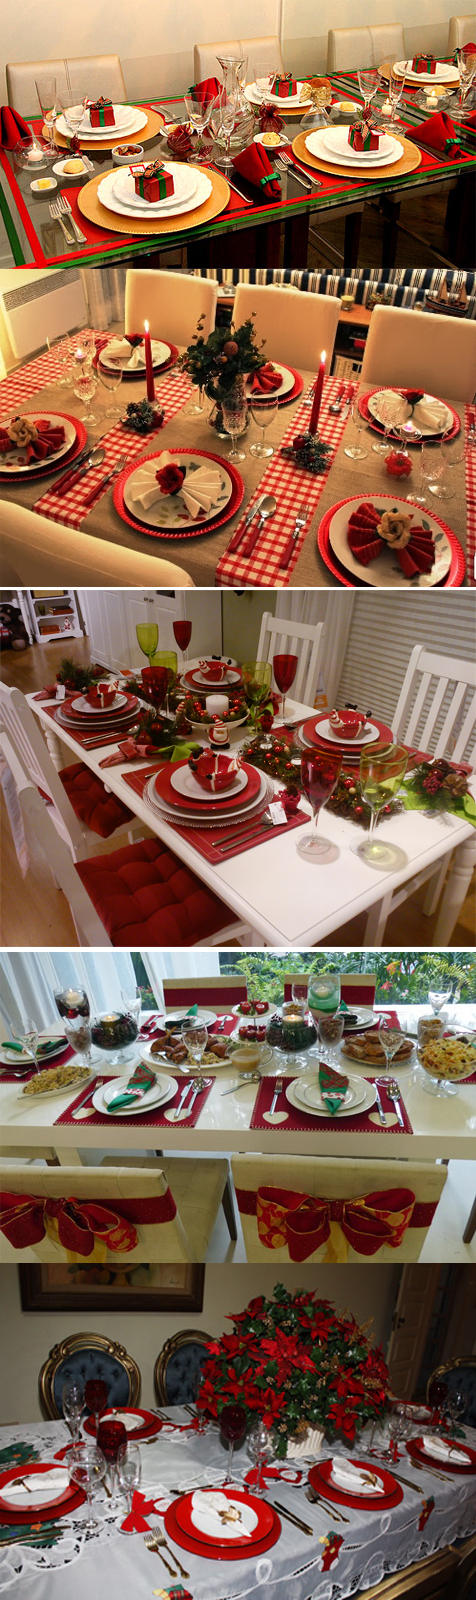 decorando mesa para o natal